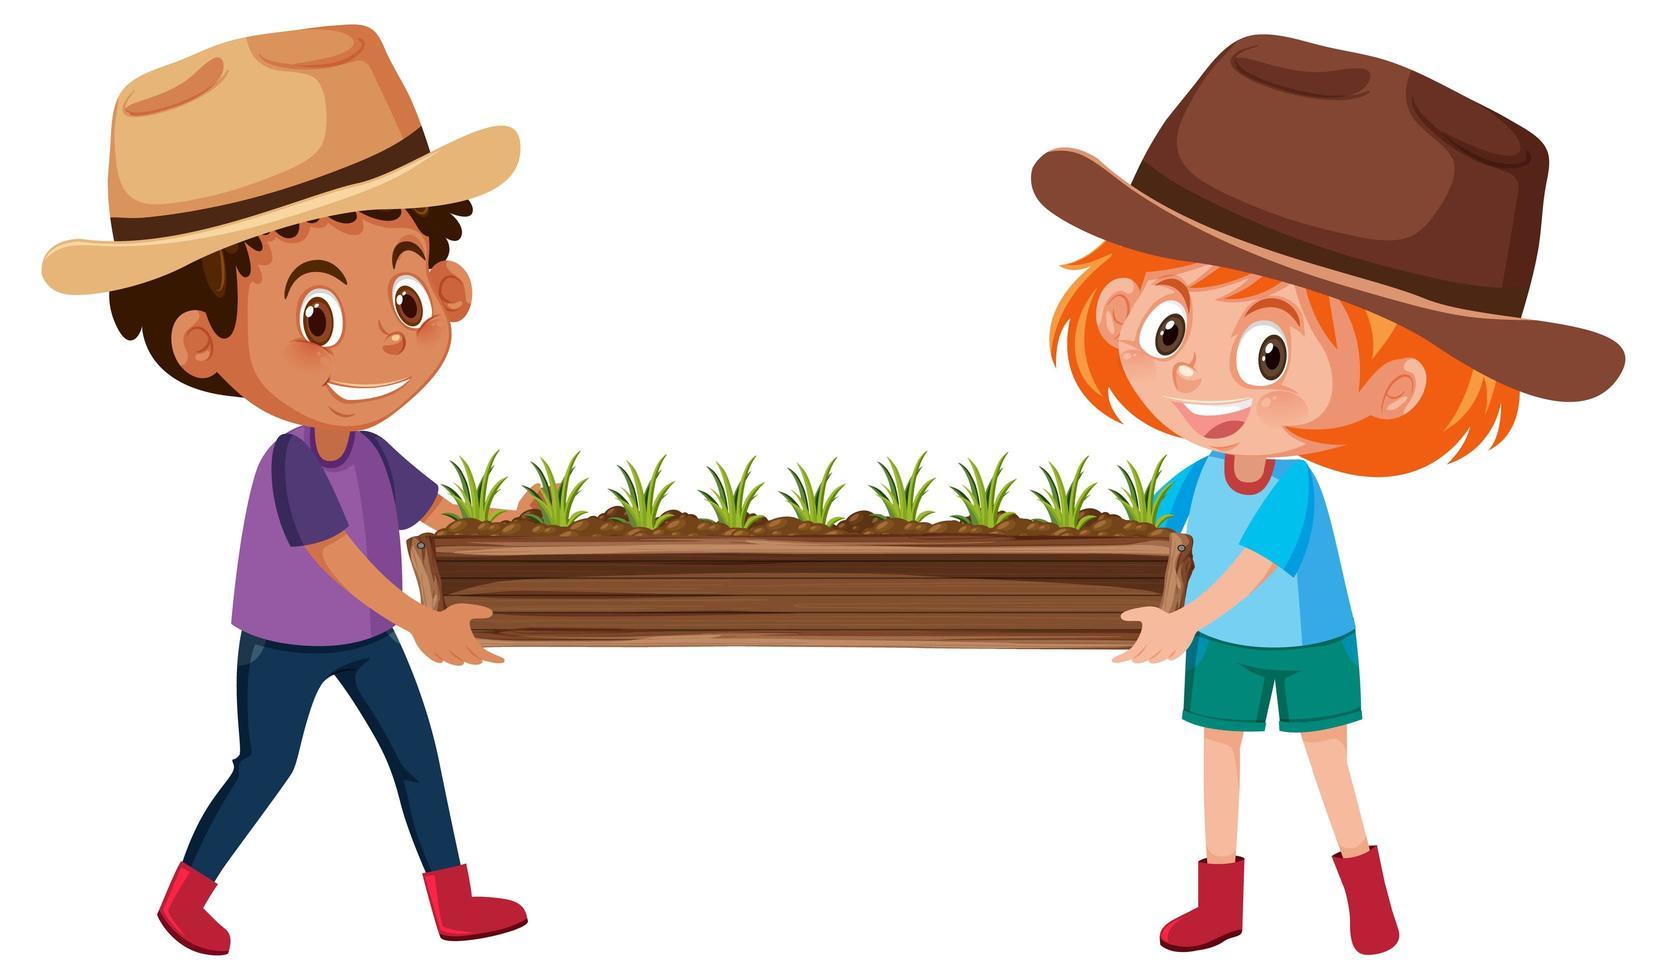 niño y niña sosteniendo plantas en maceta de madera vector